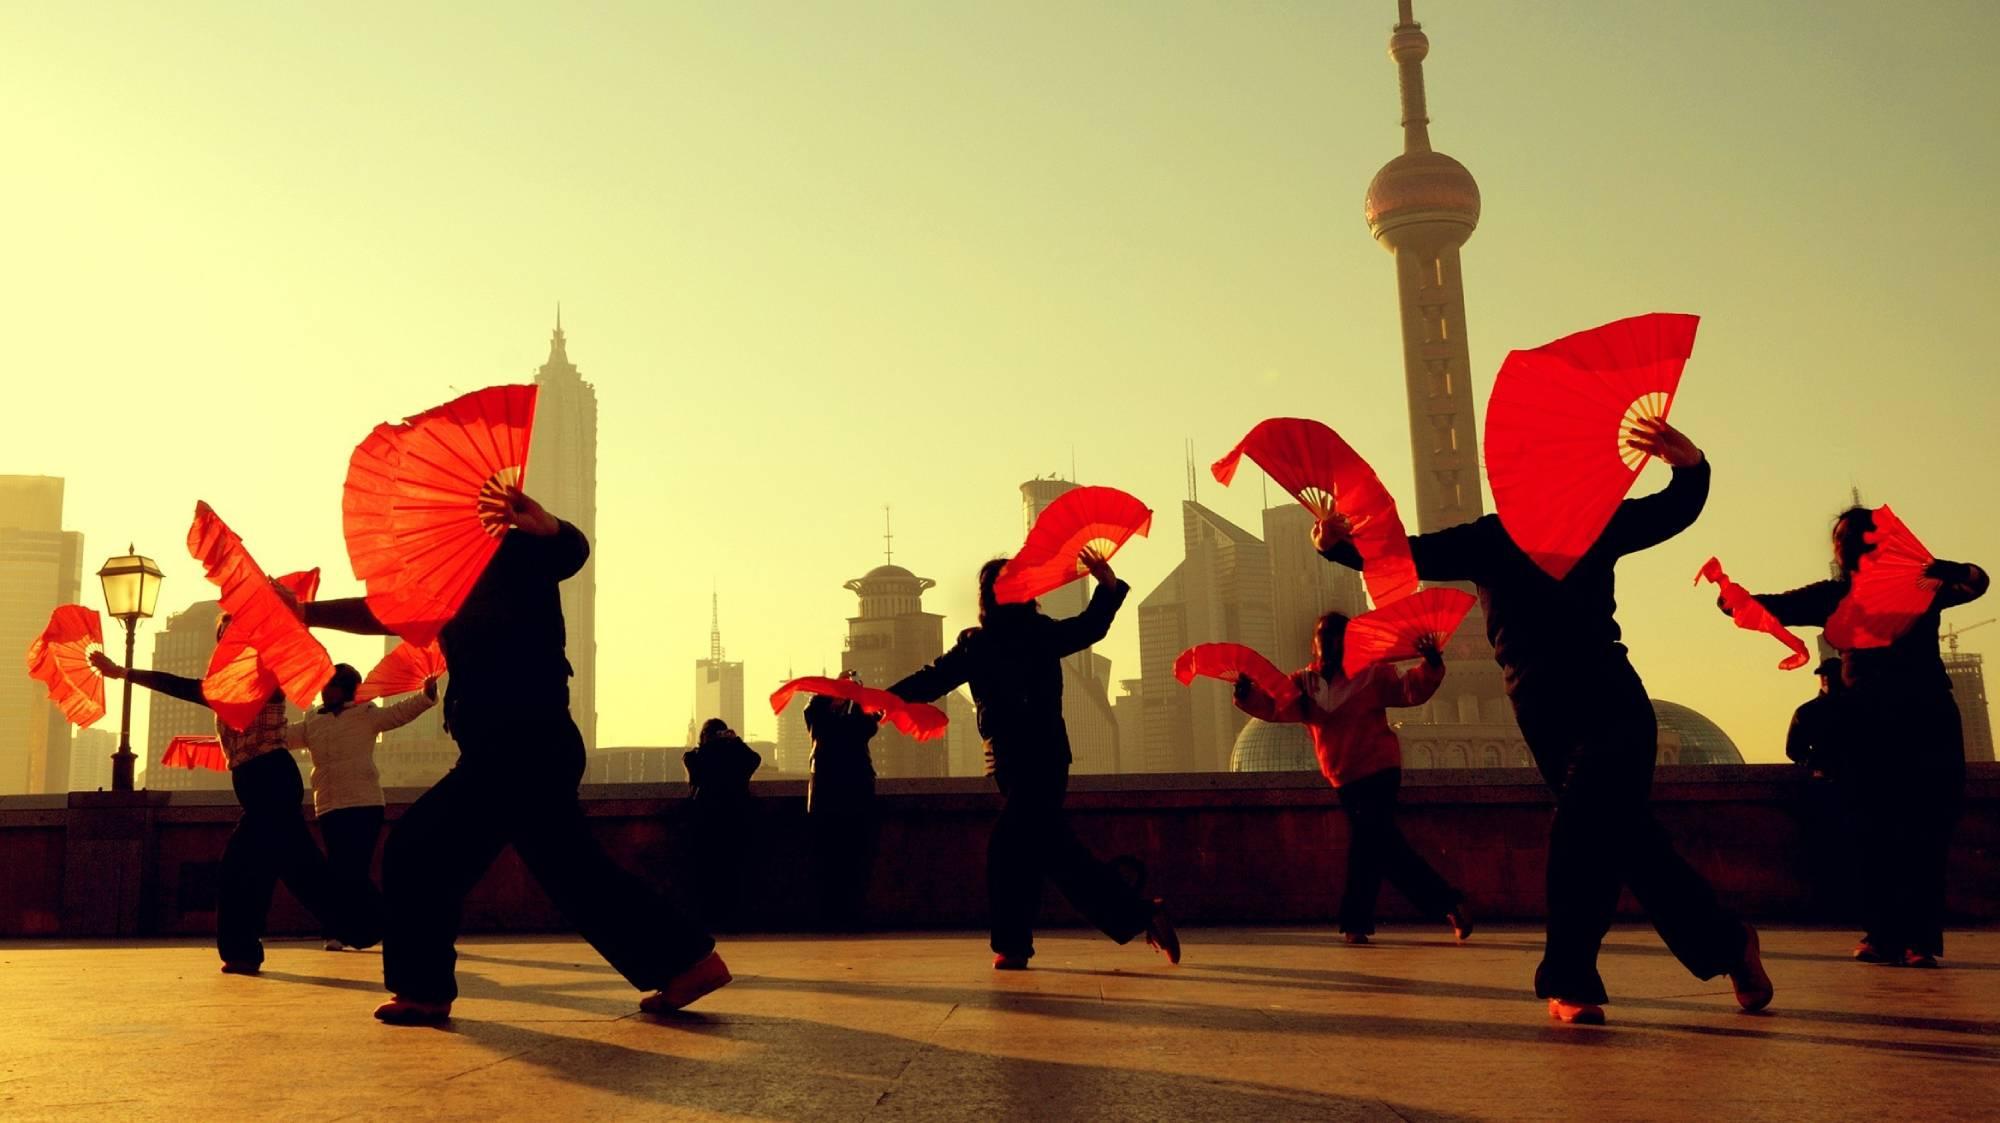 Shanghai - Travel Blog